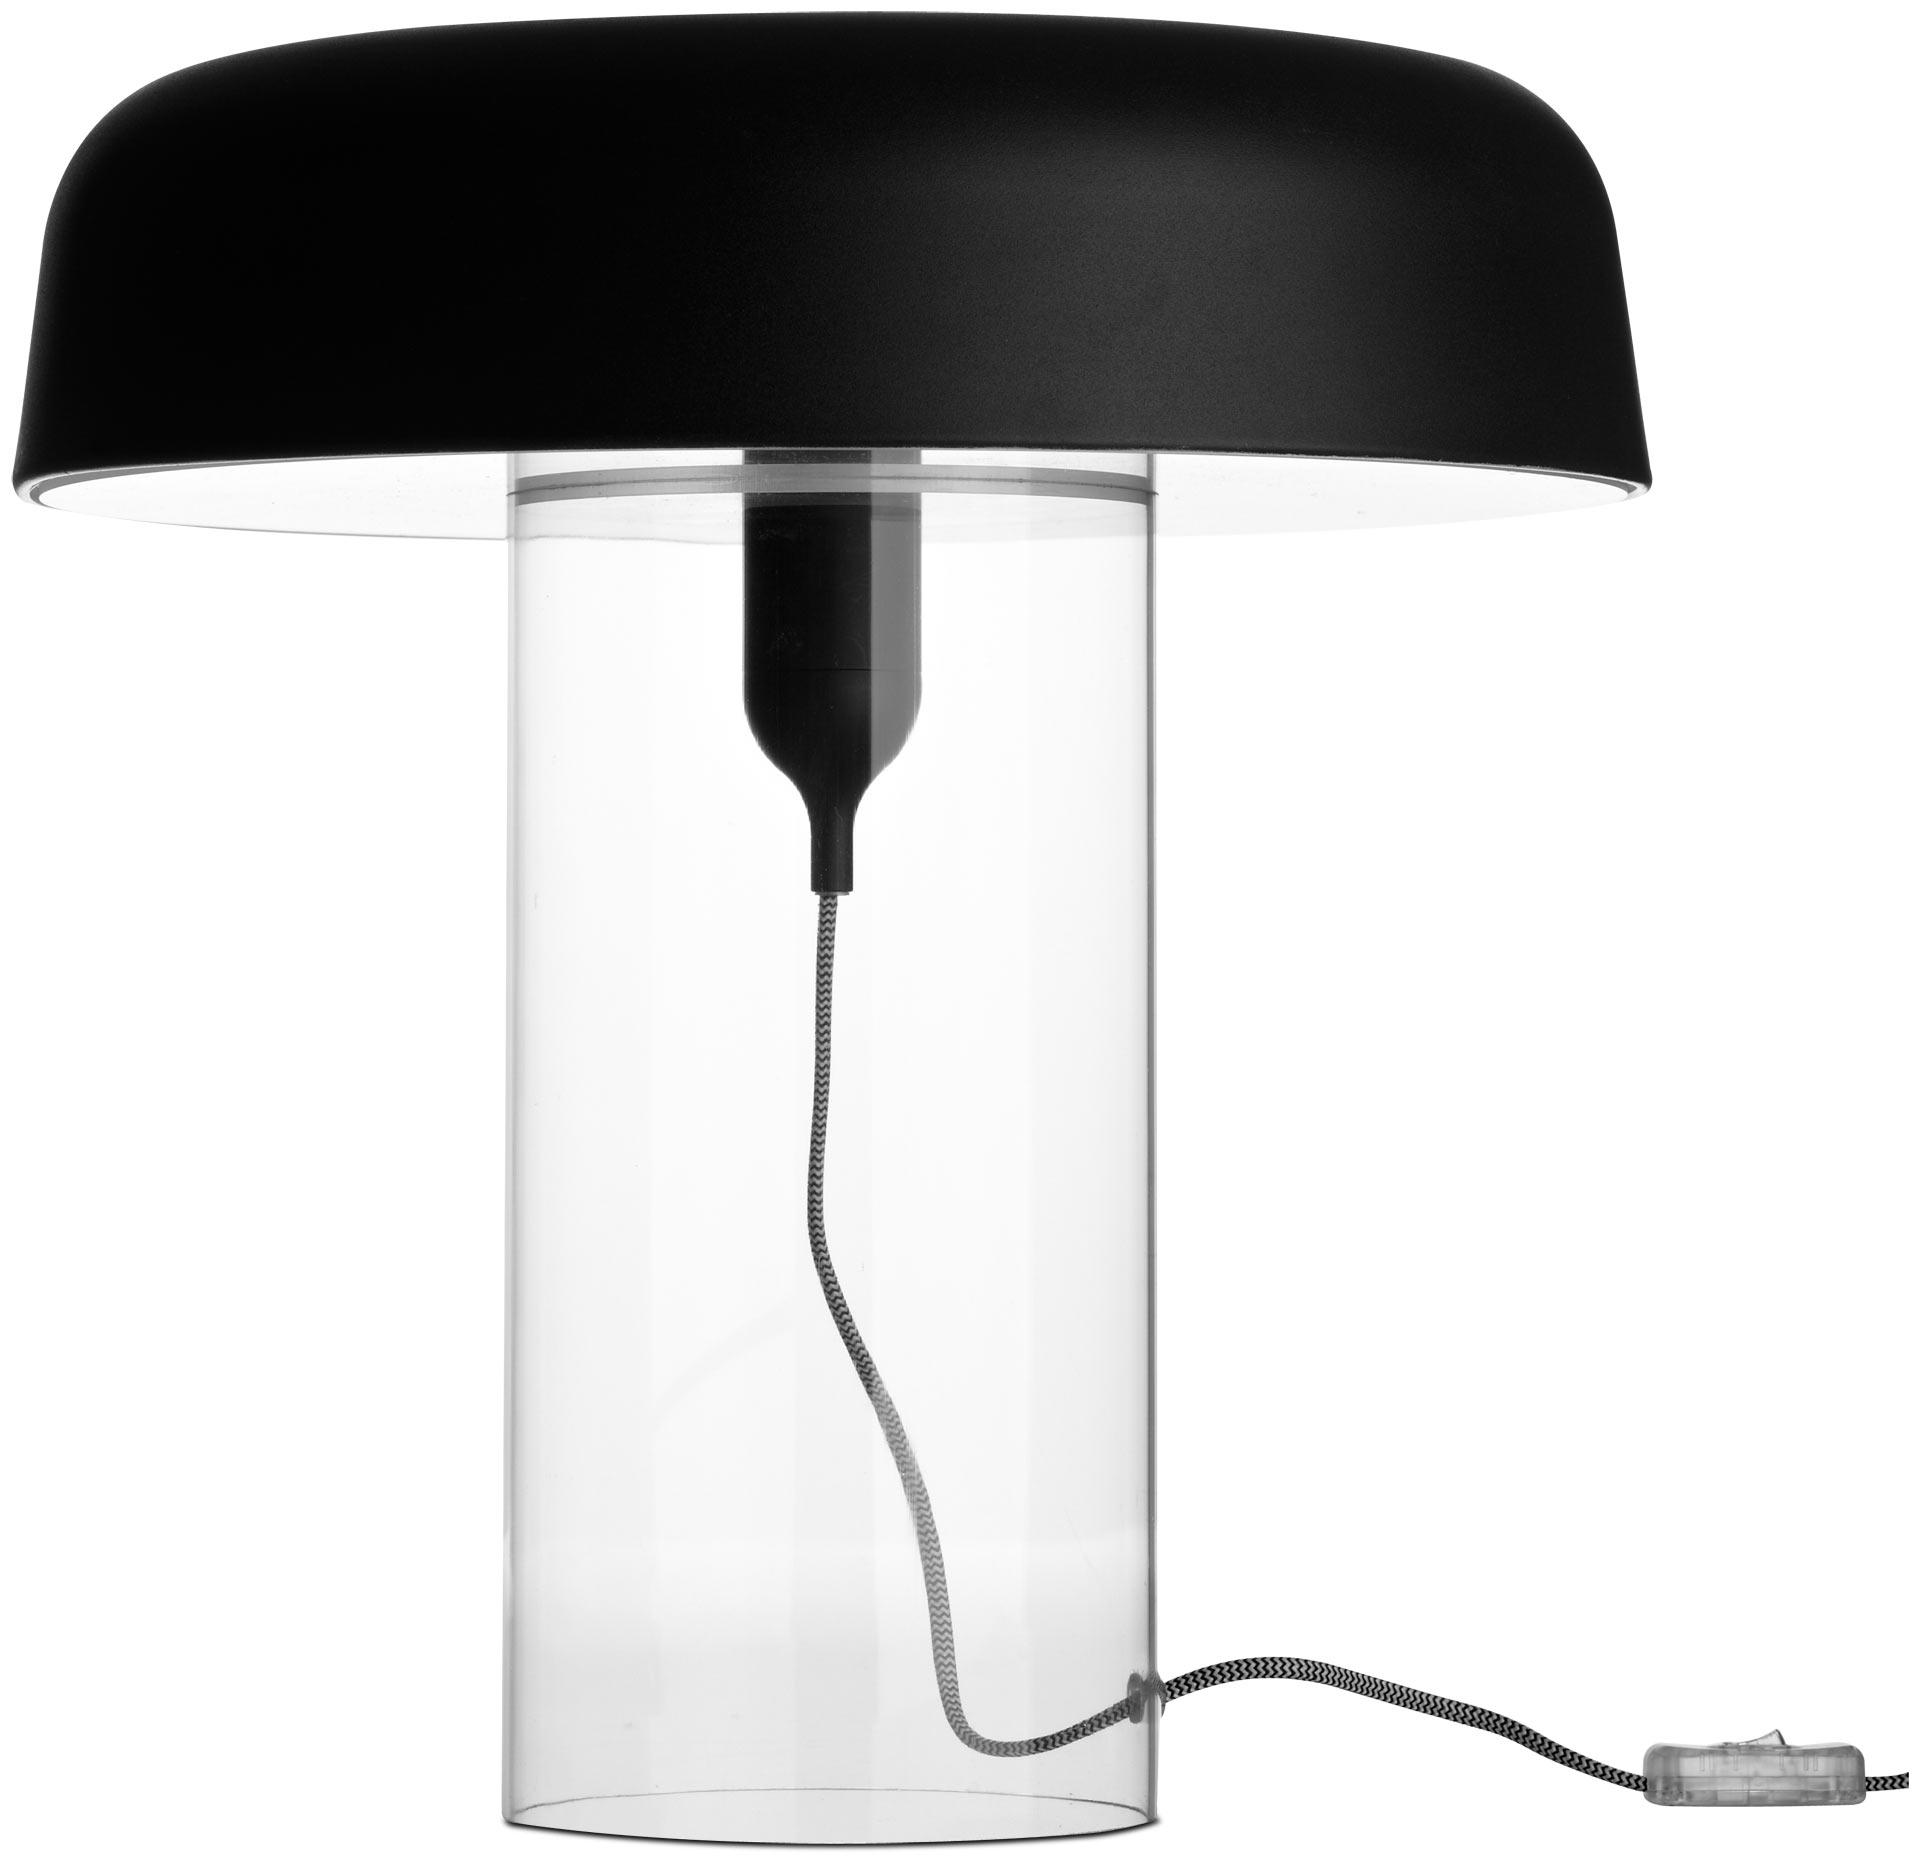 BoConcept Goble : Lampe de table design avec un pied transparent